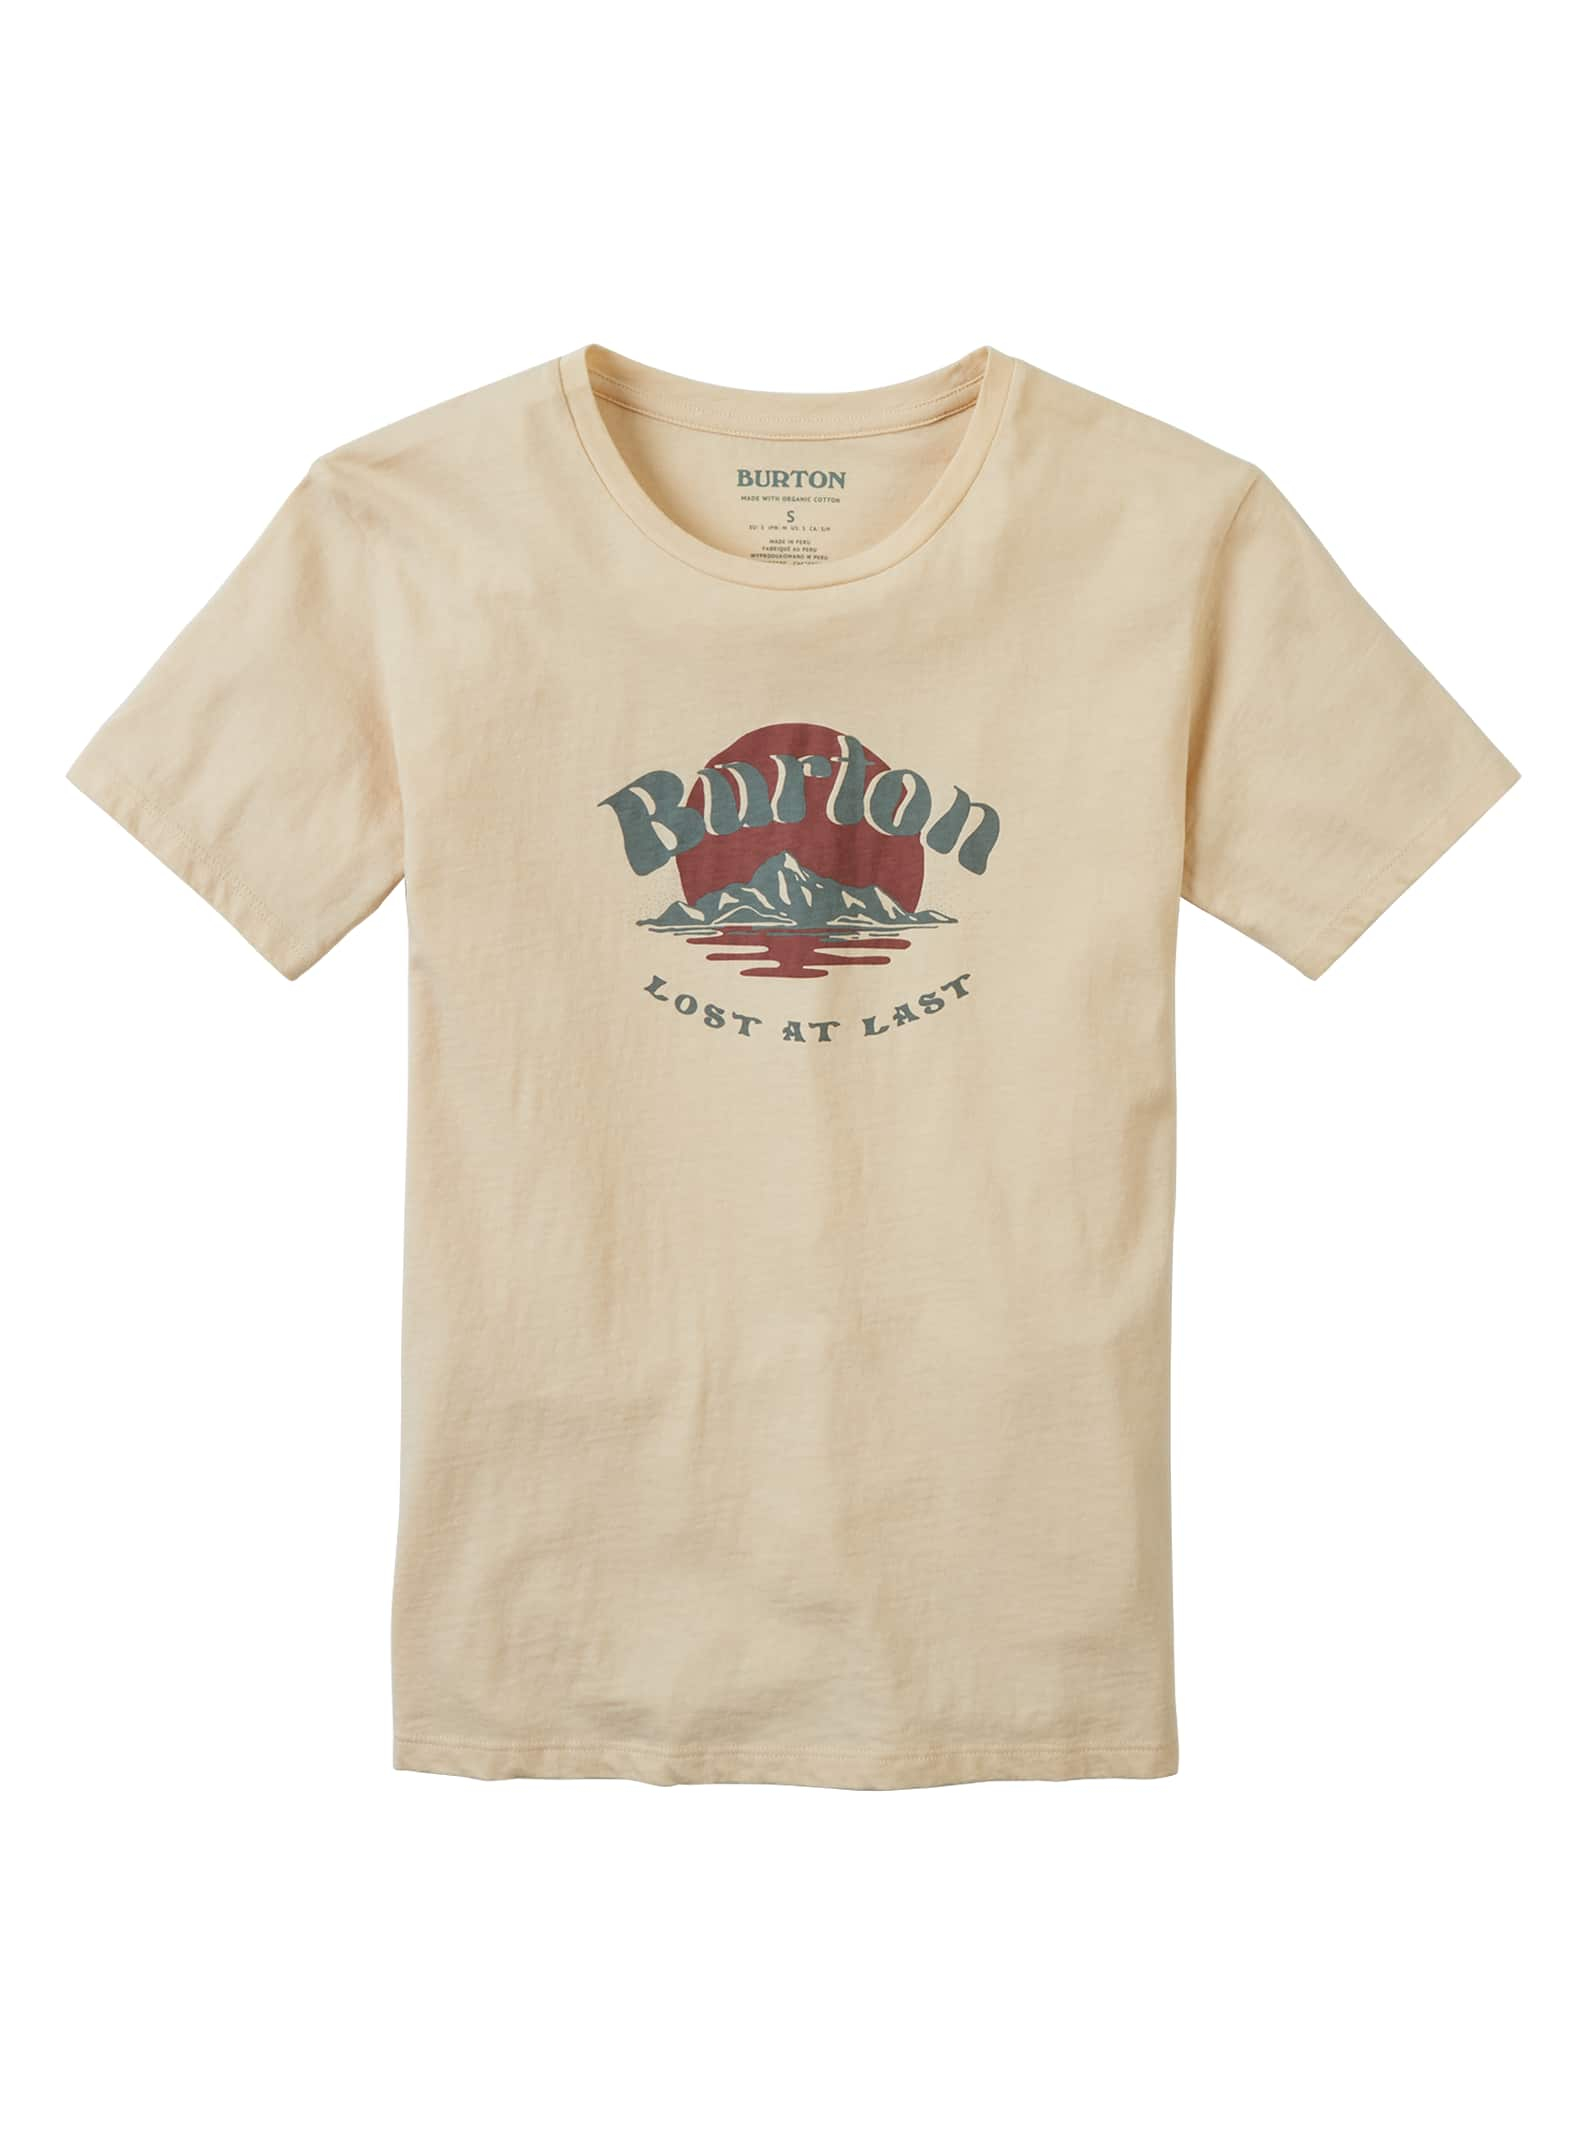 Burton Classic kortärmad t-shirt för damer, XXL